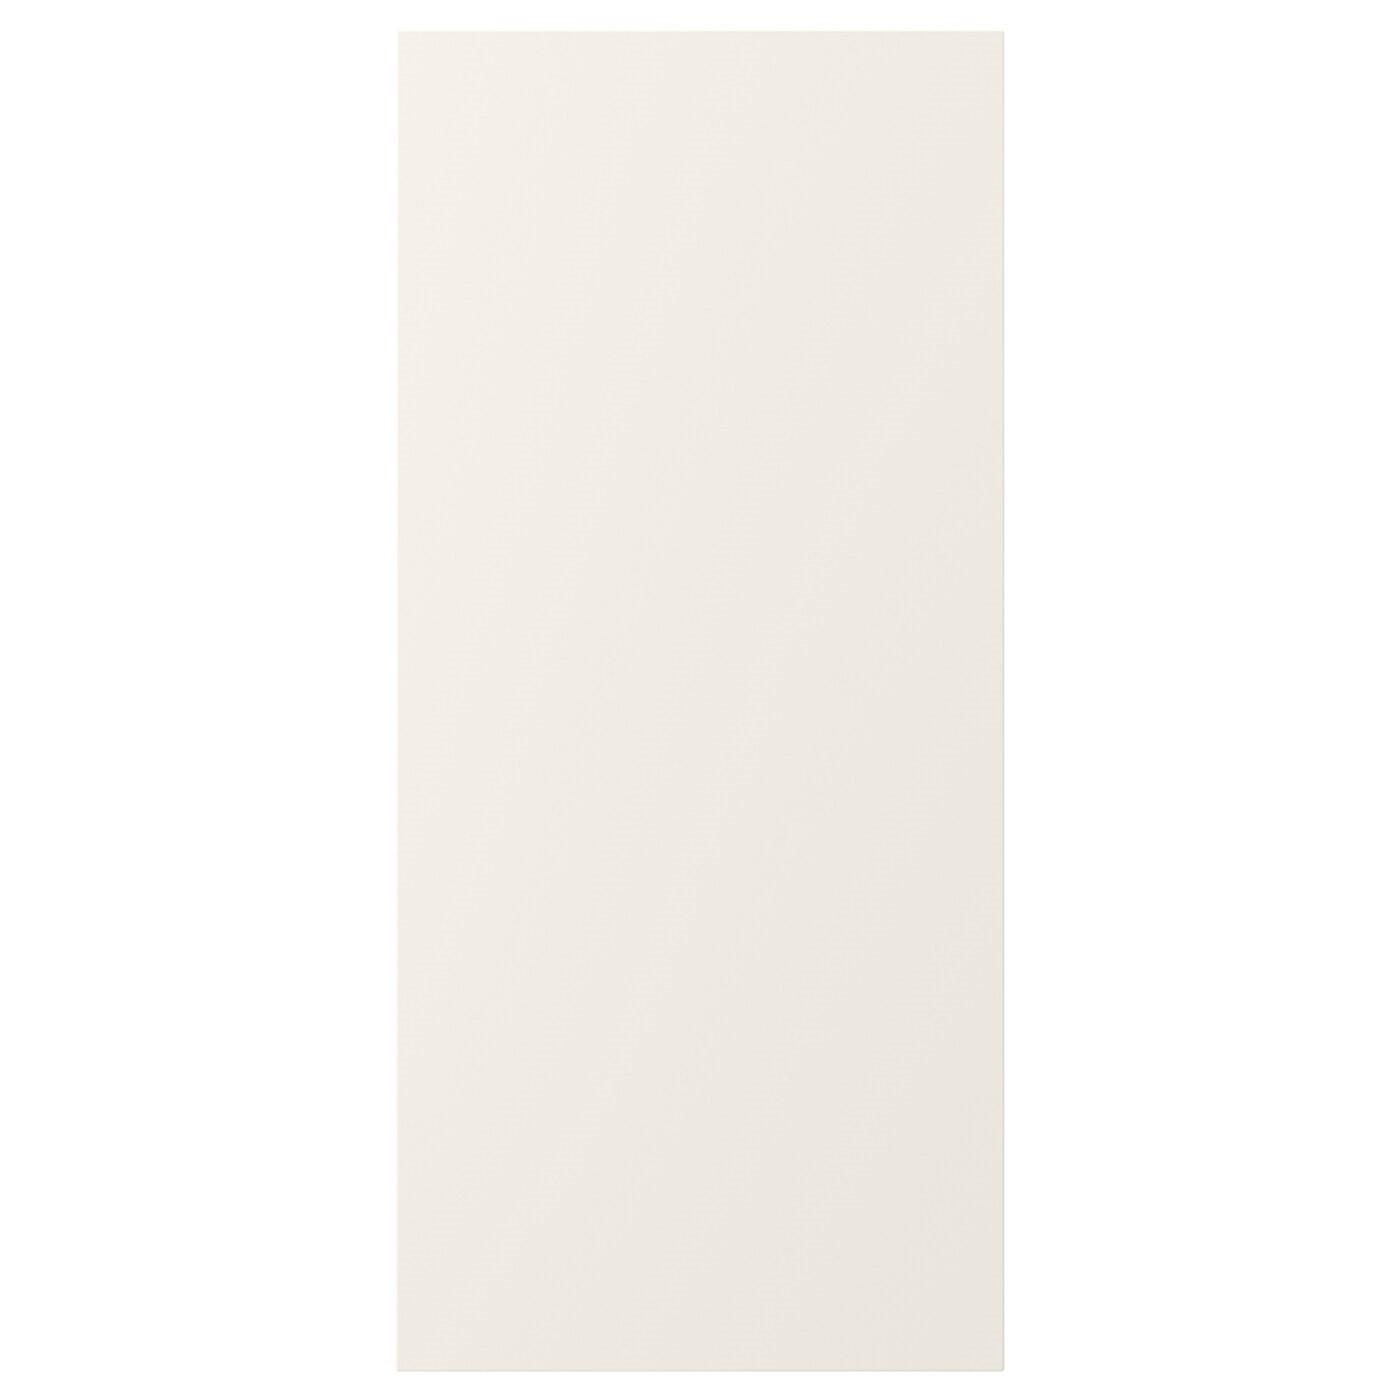 IKEA FÖRBÄTTRA накладная панель белый с оттенком 39x86 см 402.344.36